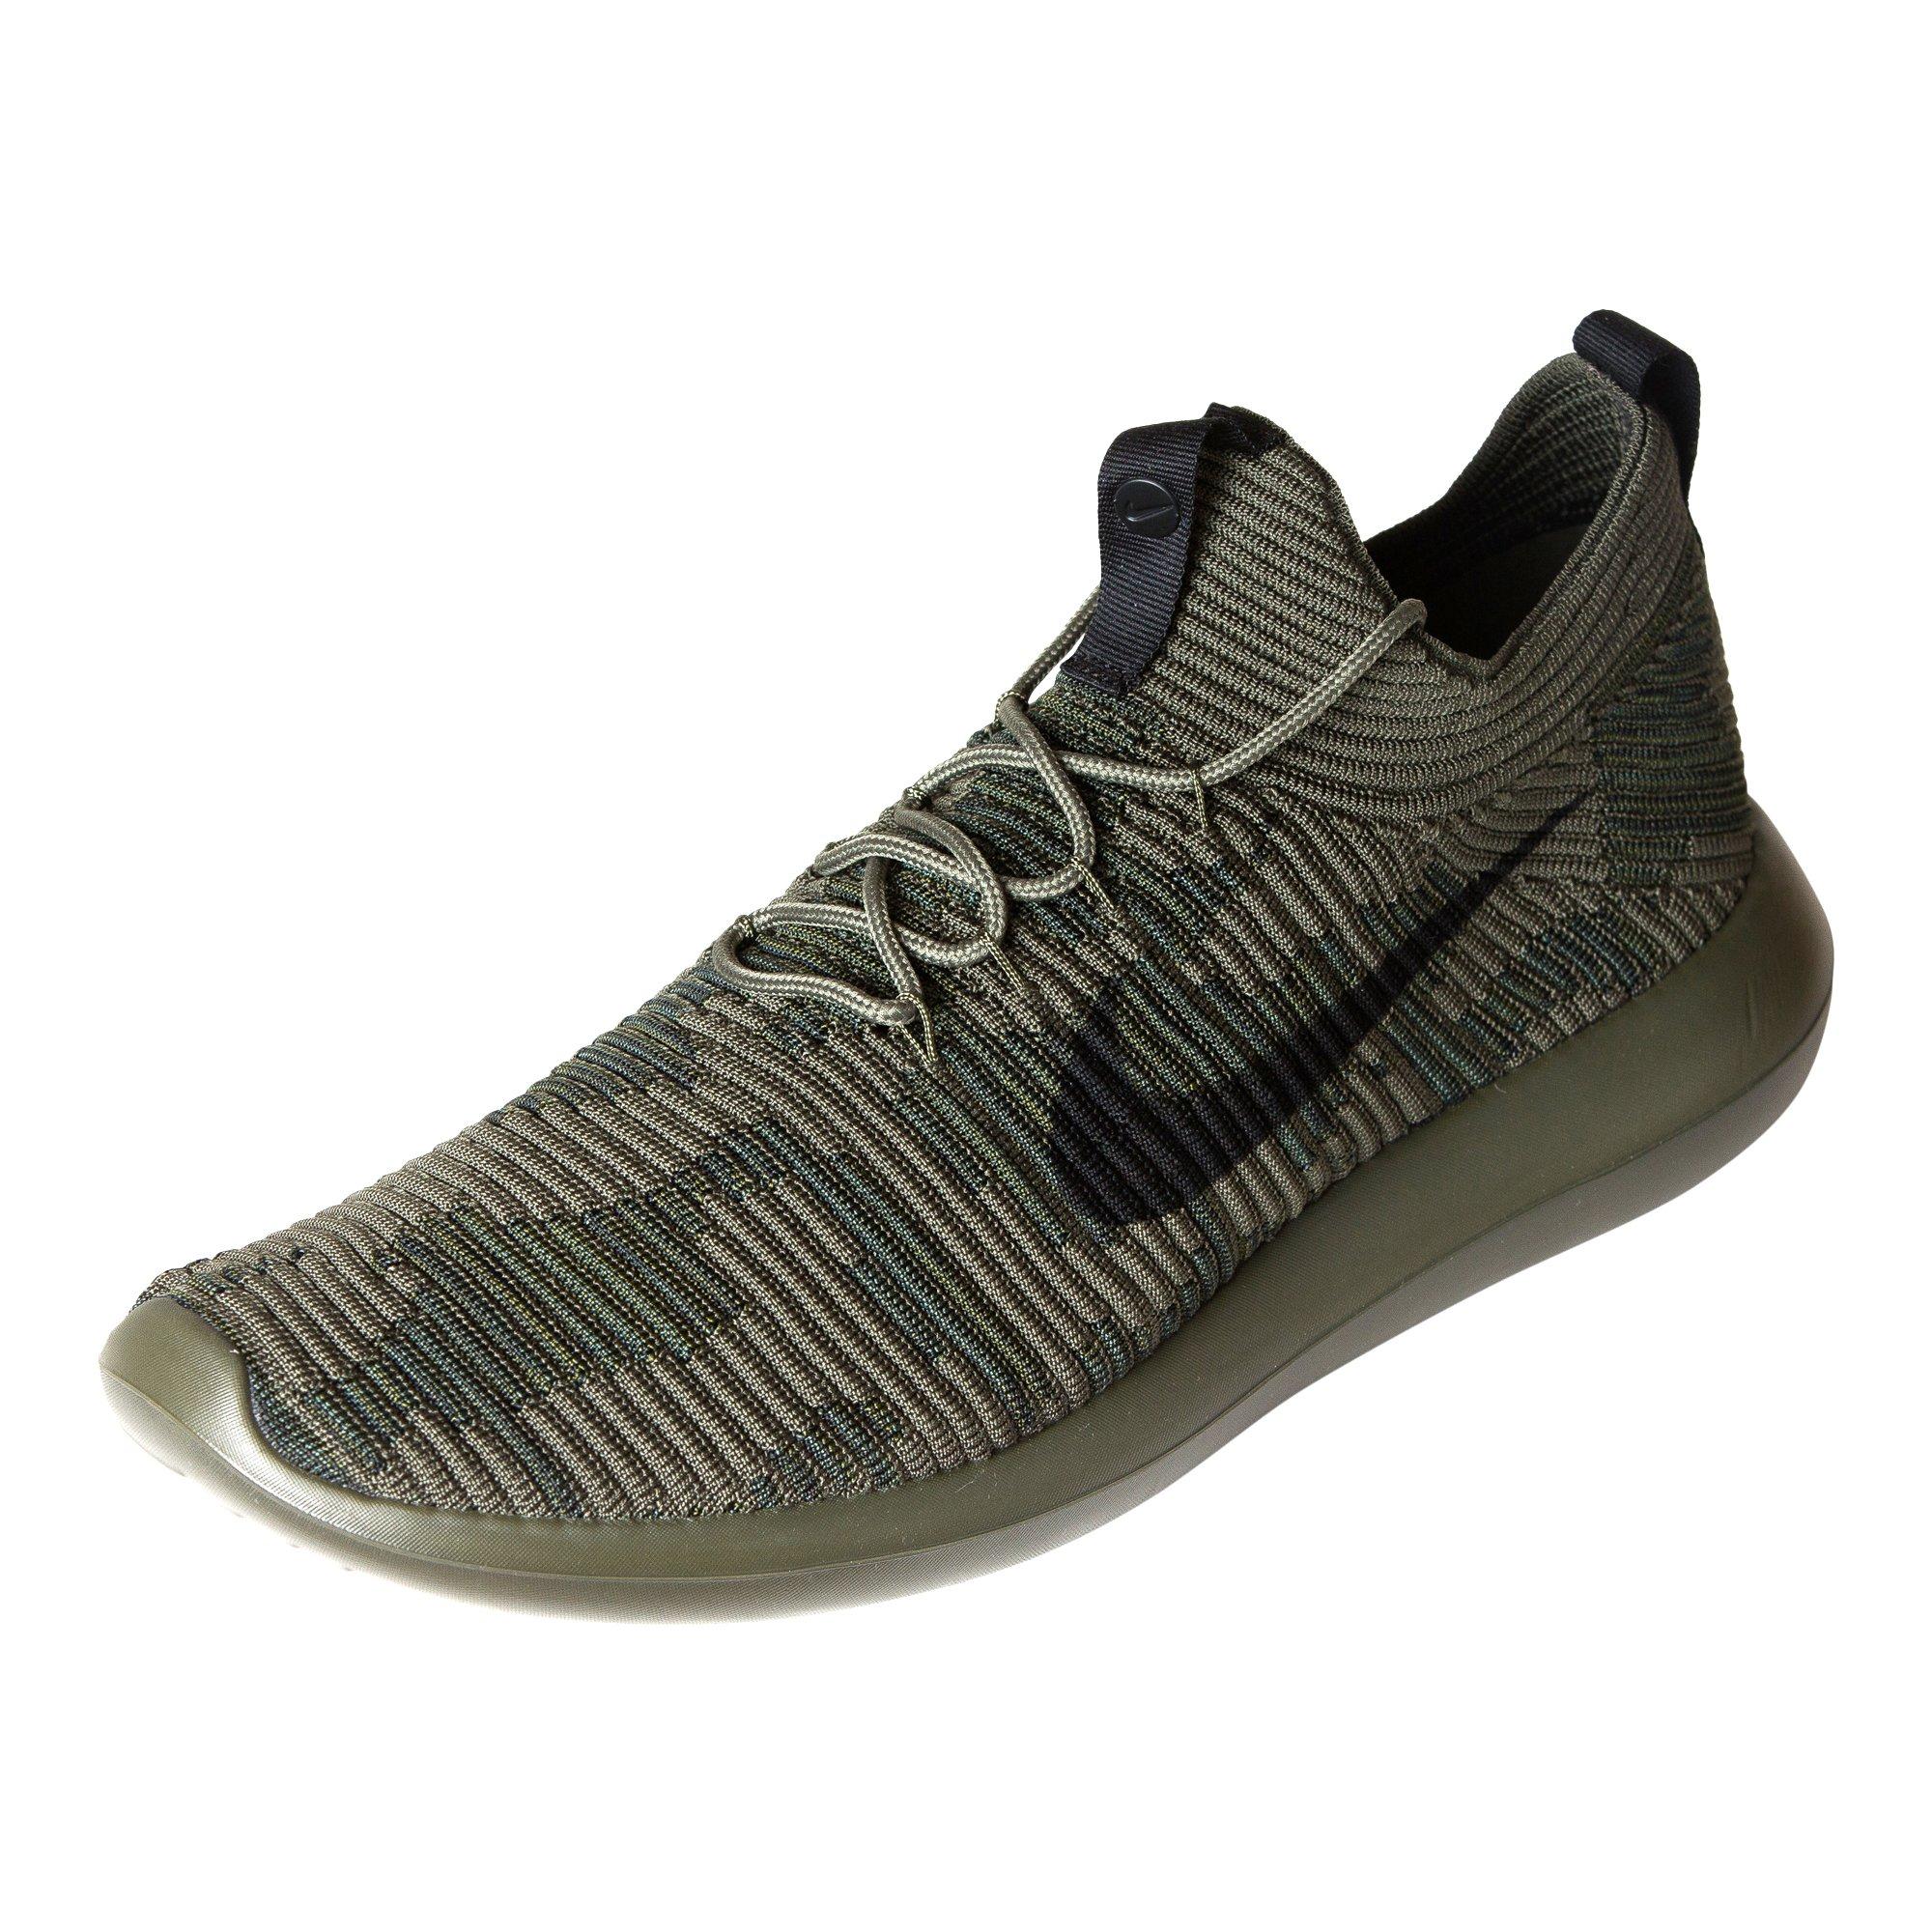 4d4896370486 Galleon - NIKE Men s Roshe 2 Flyknit Running Shoes